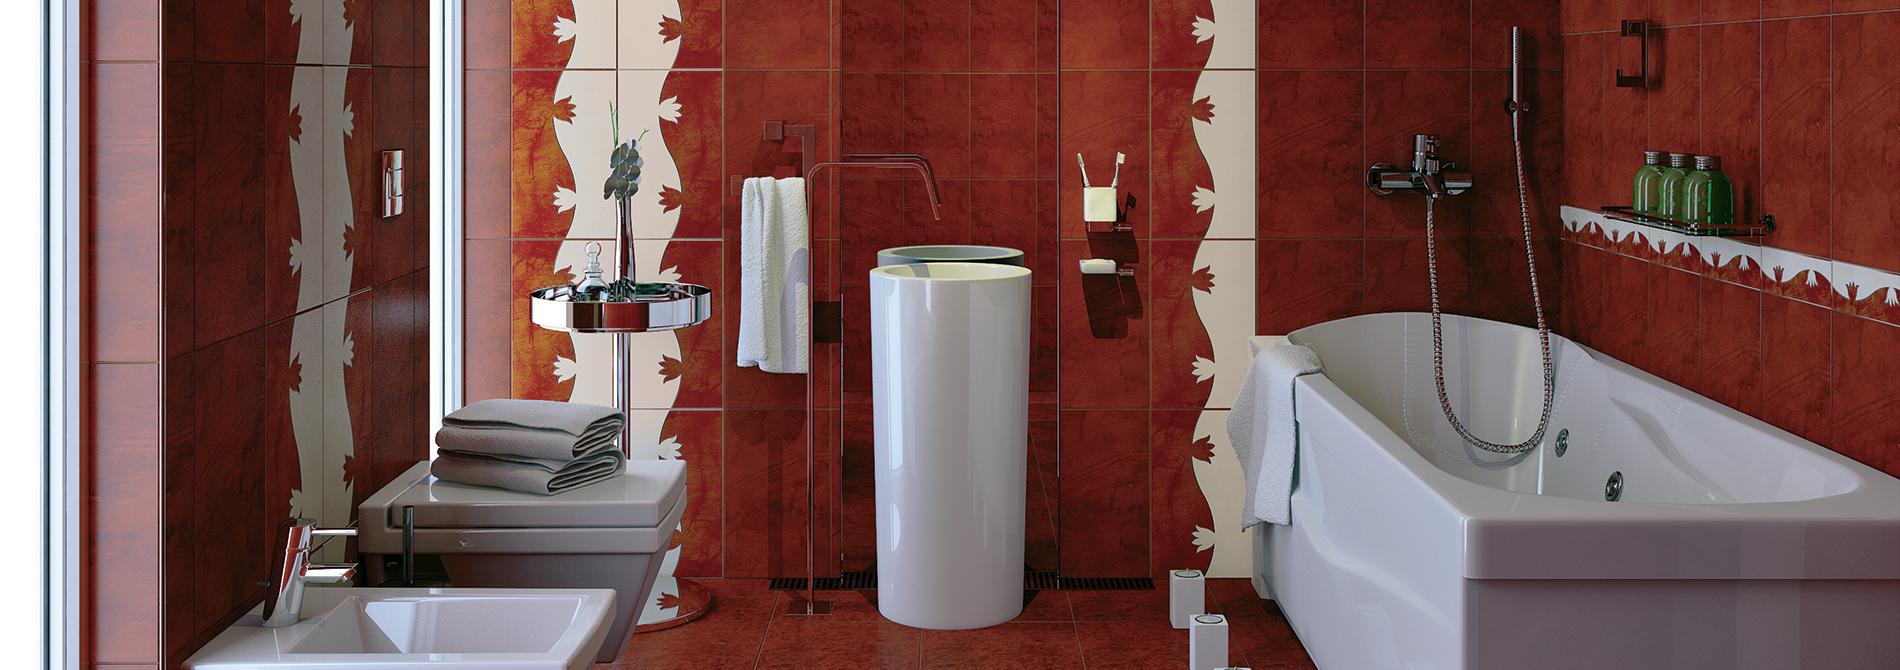 Бордовая ванная комната 22 фото